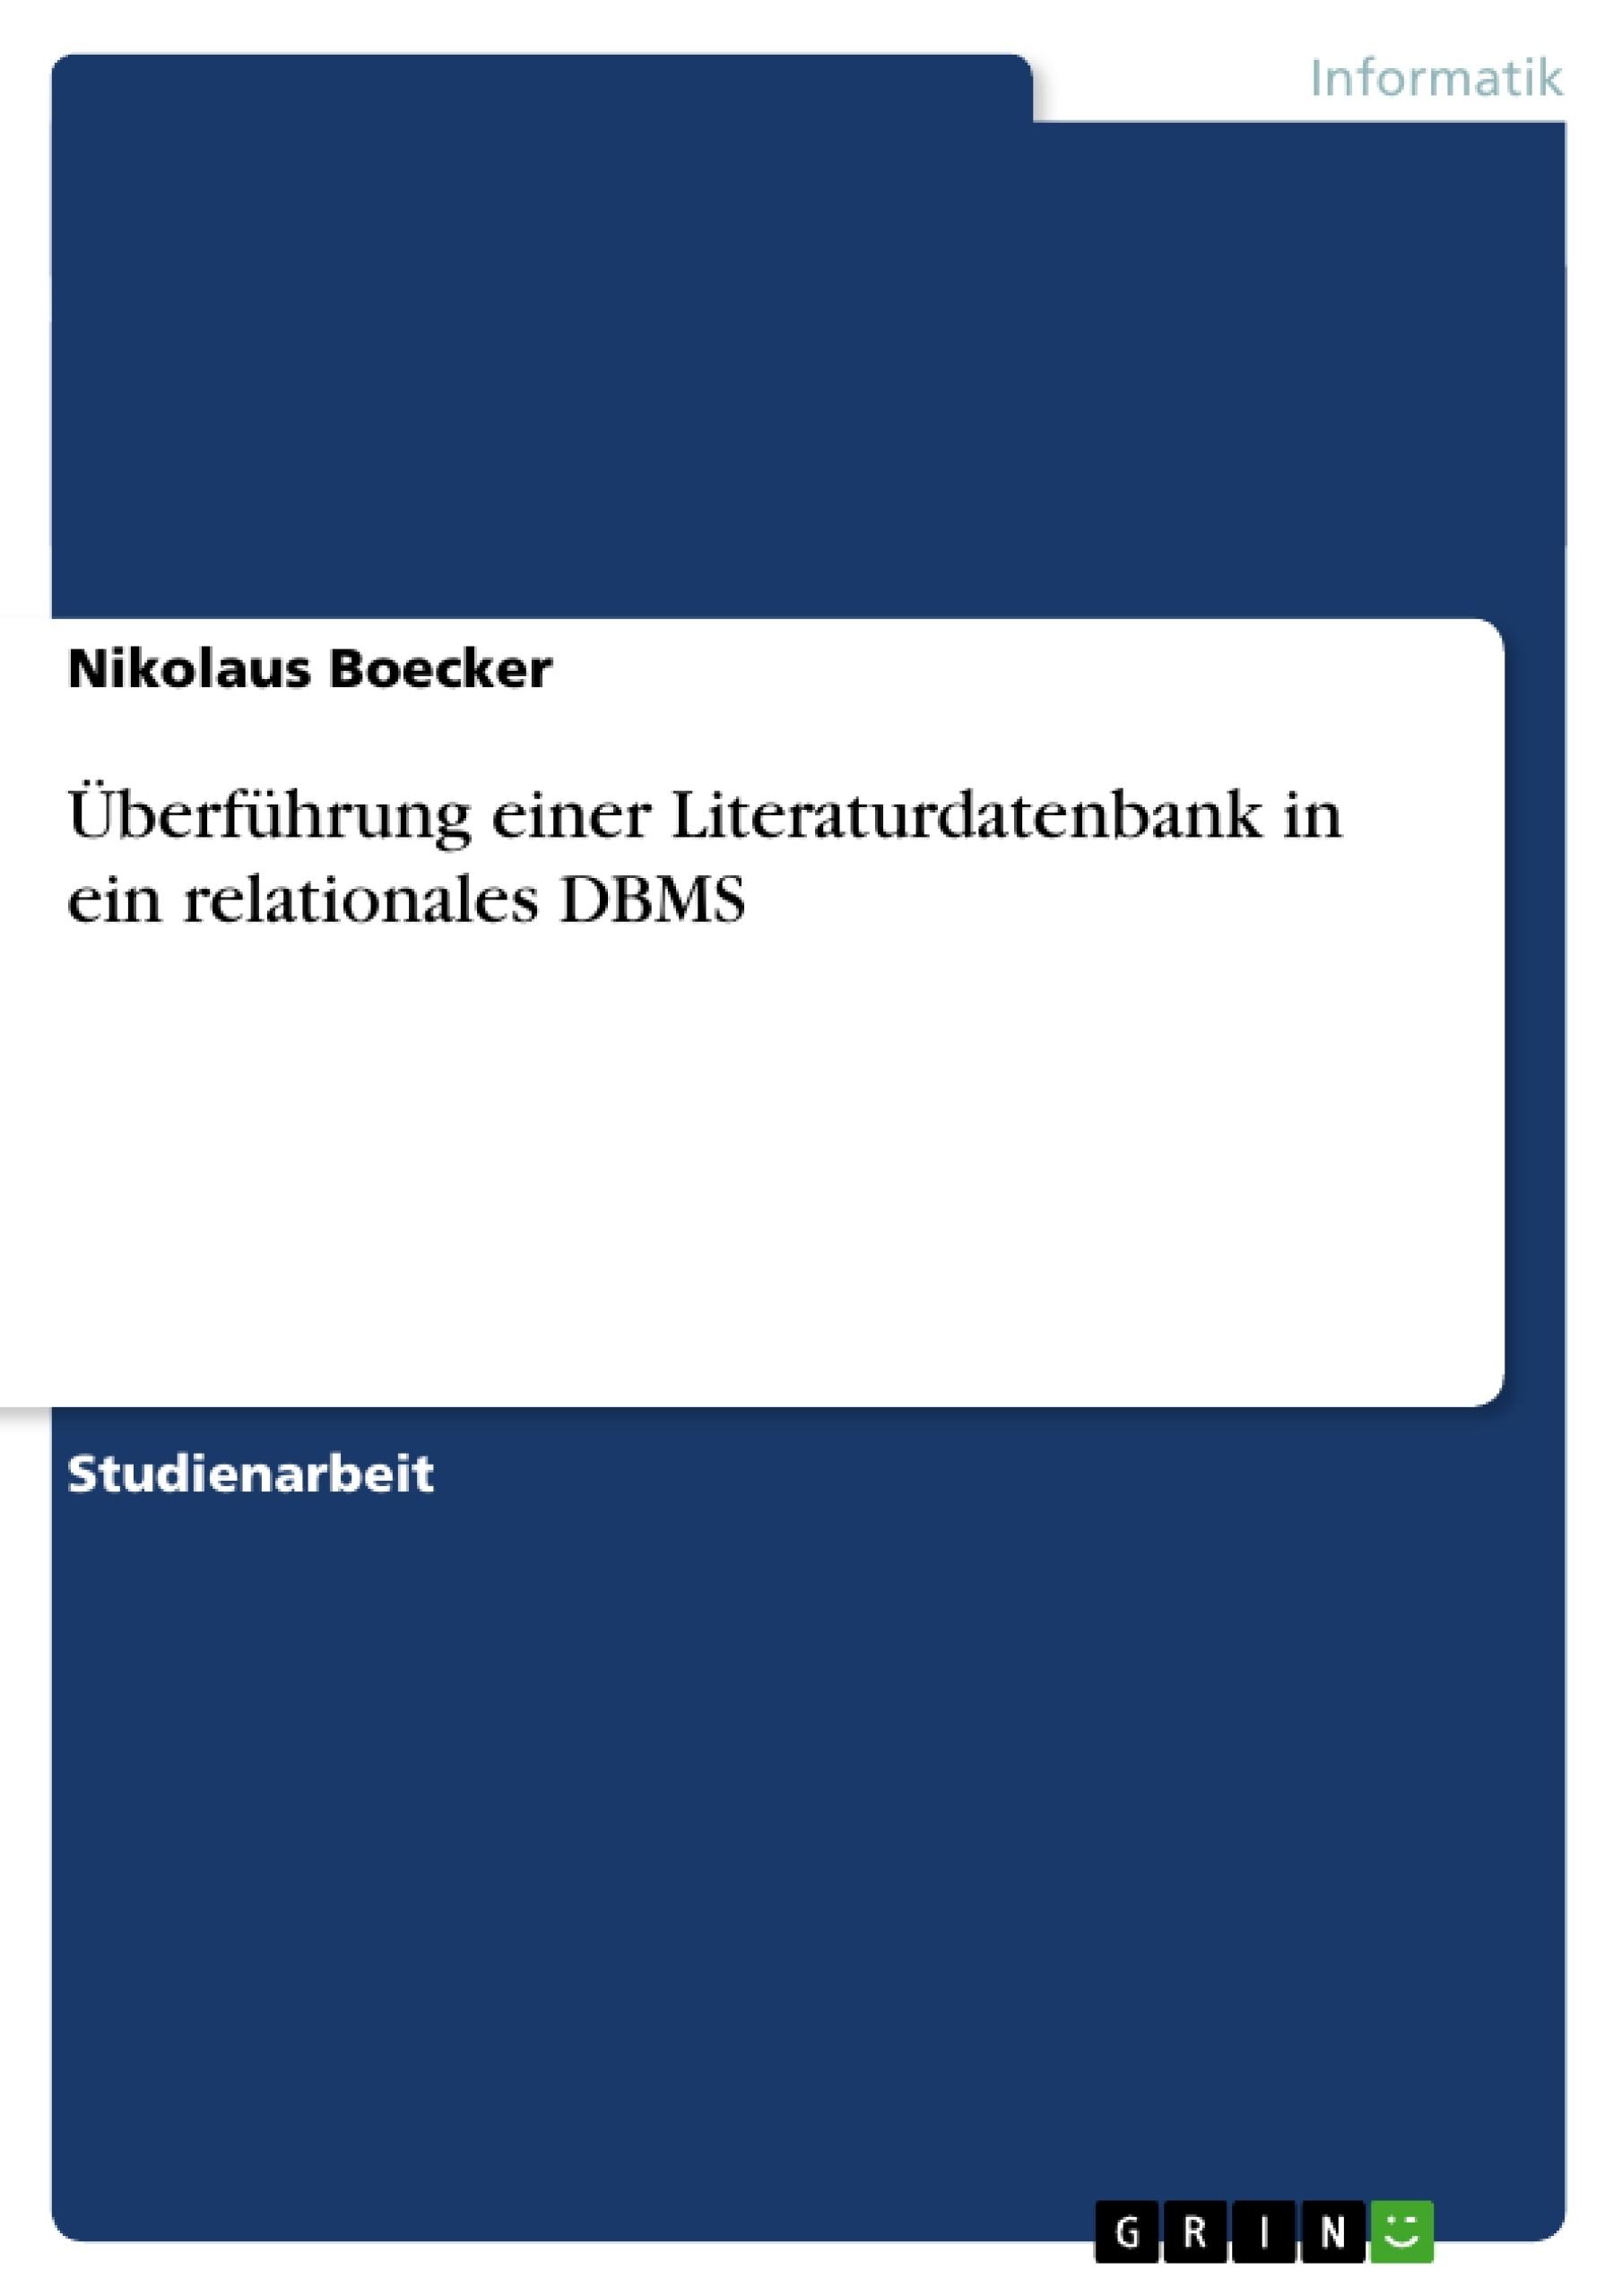 Titel: Überführung einer Literaturdatenbank in ein relationales DBMS